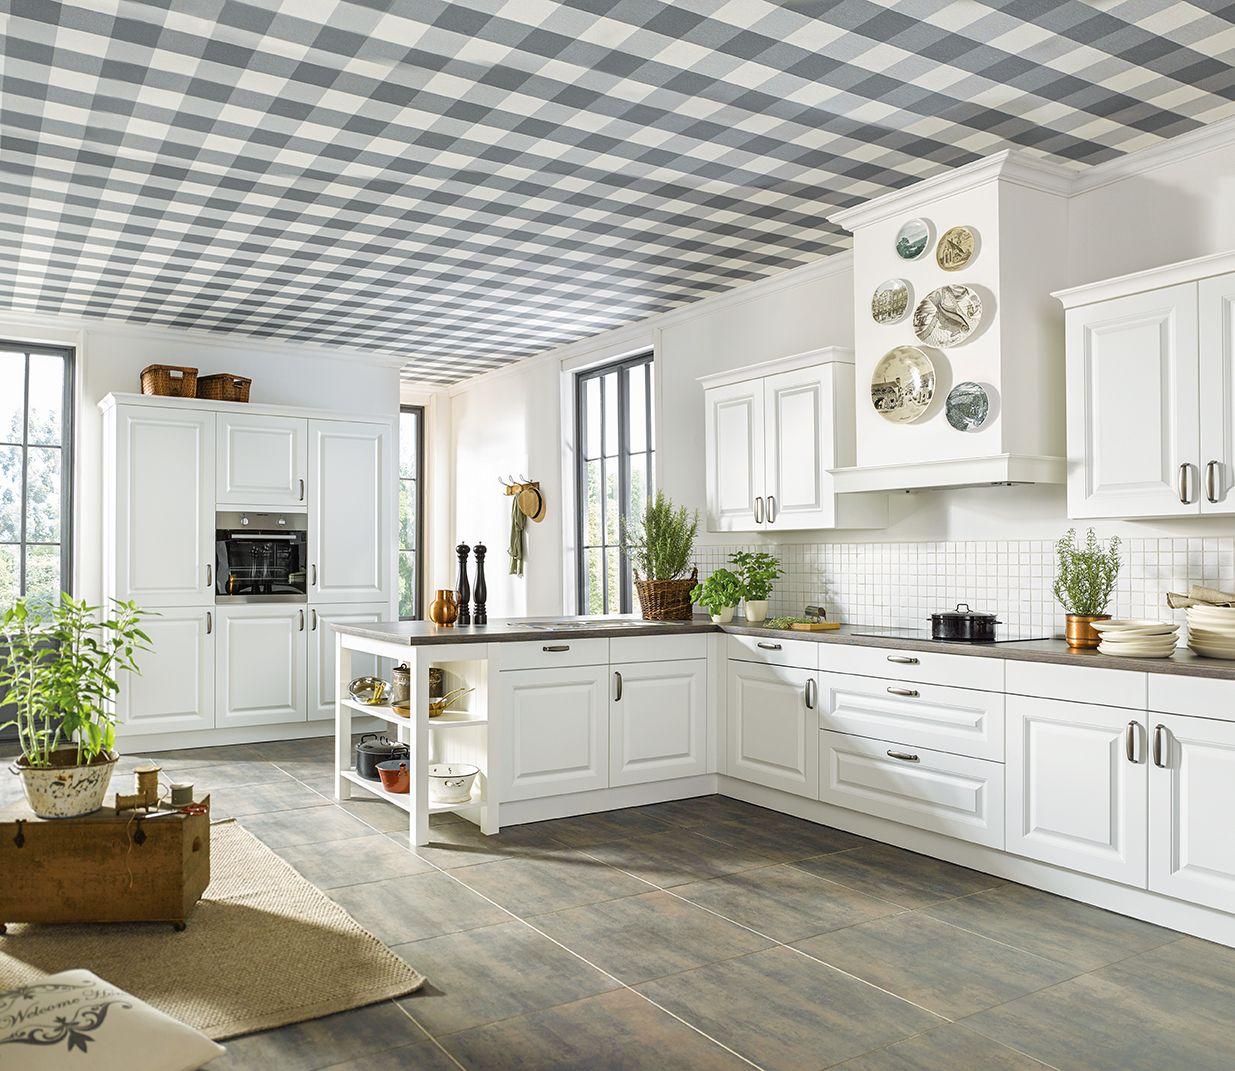 Fein Crosley Feste Granit Küche Wagen Insel Fotos - Ideen Für Die ...